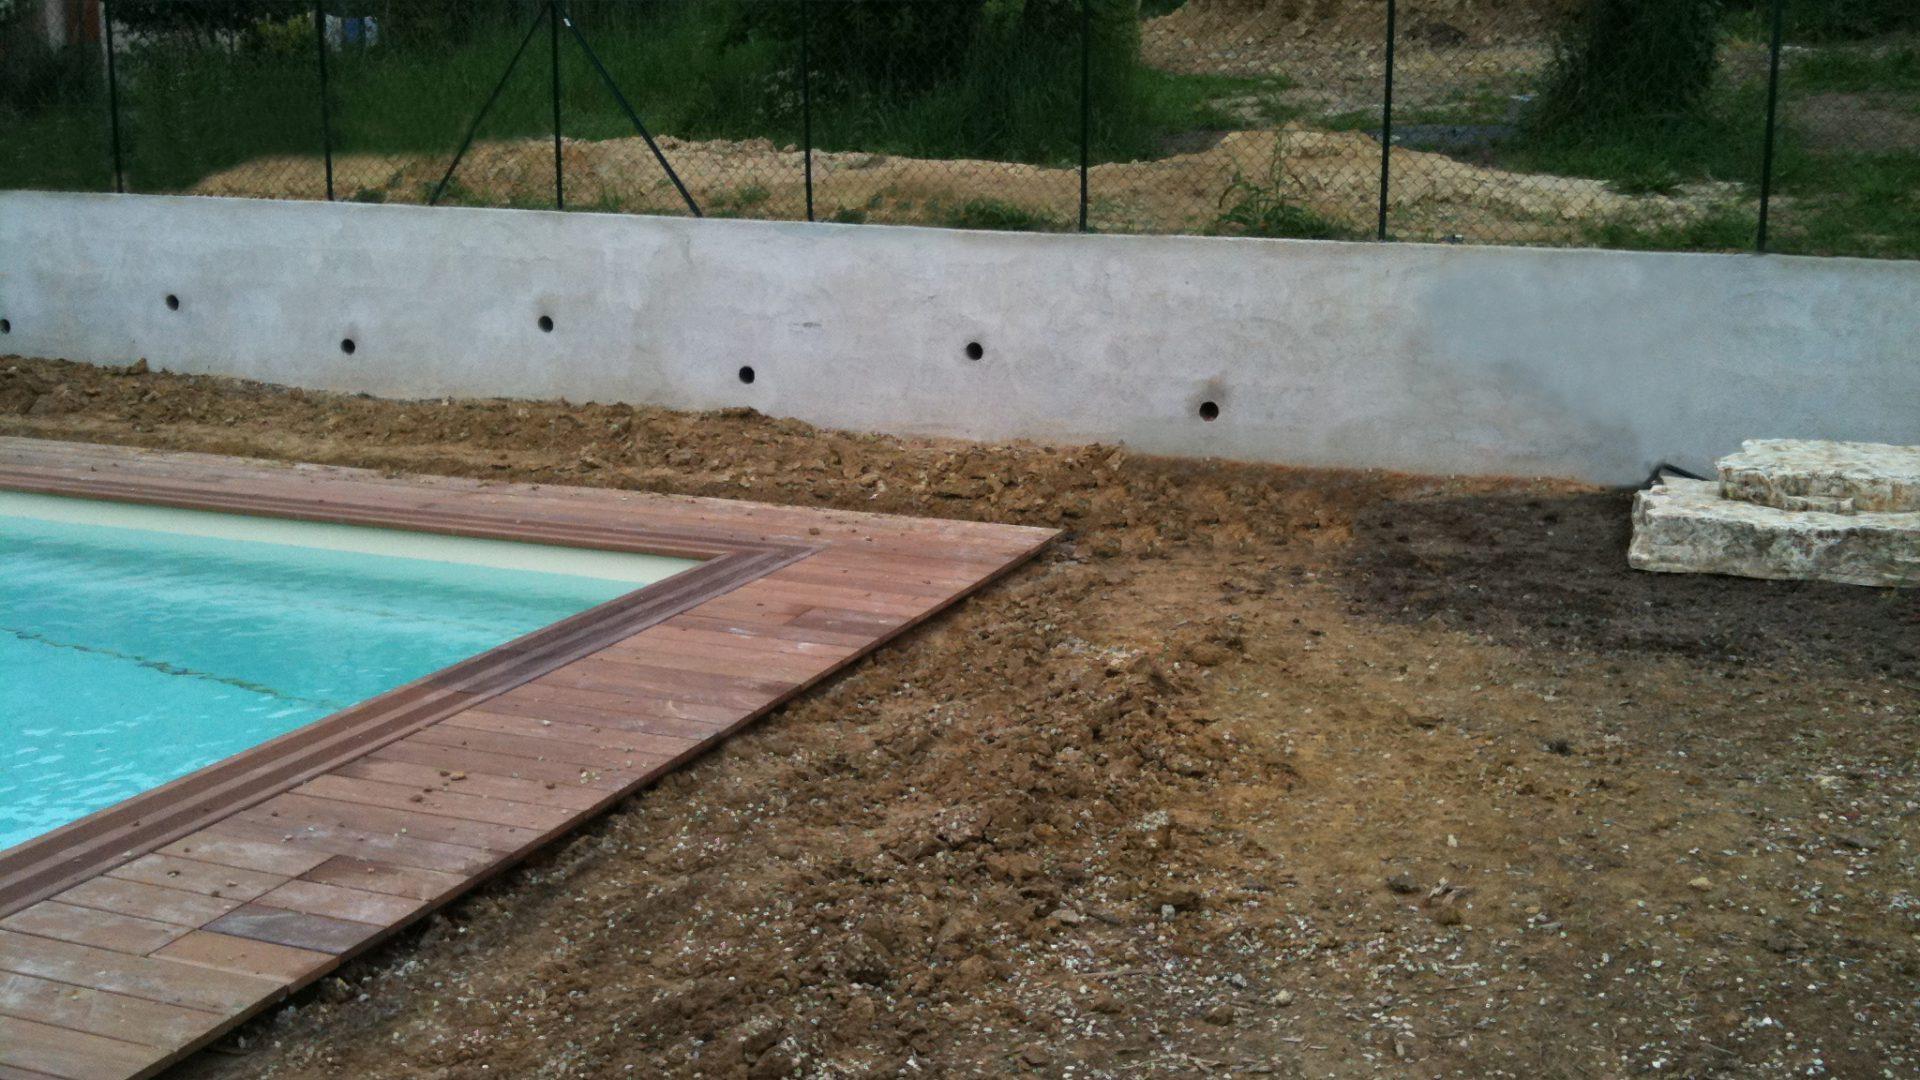 Mur de soutènement et abords de piscine - Concept Azur